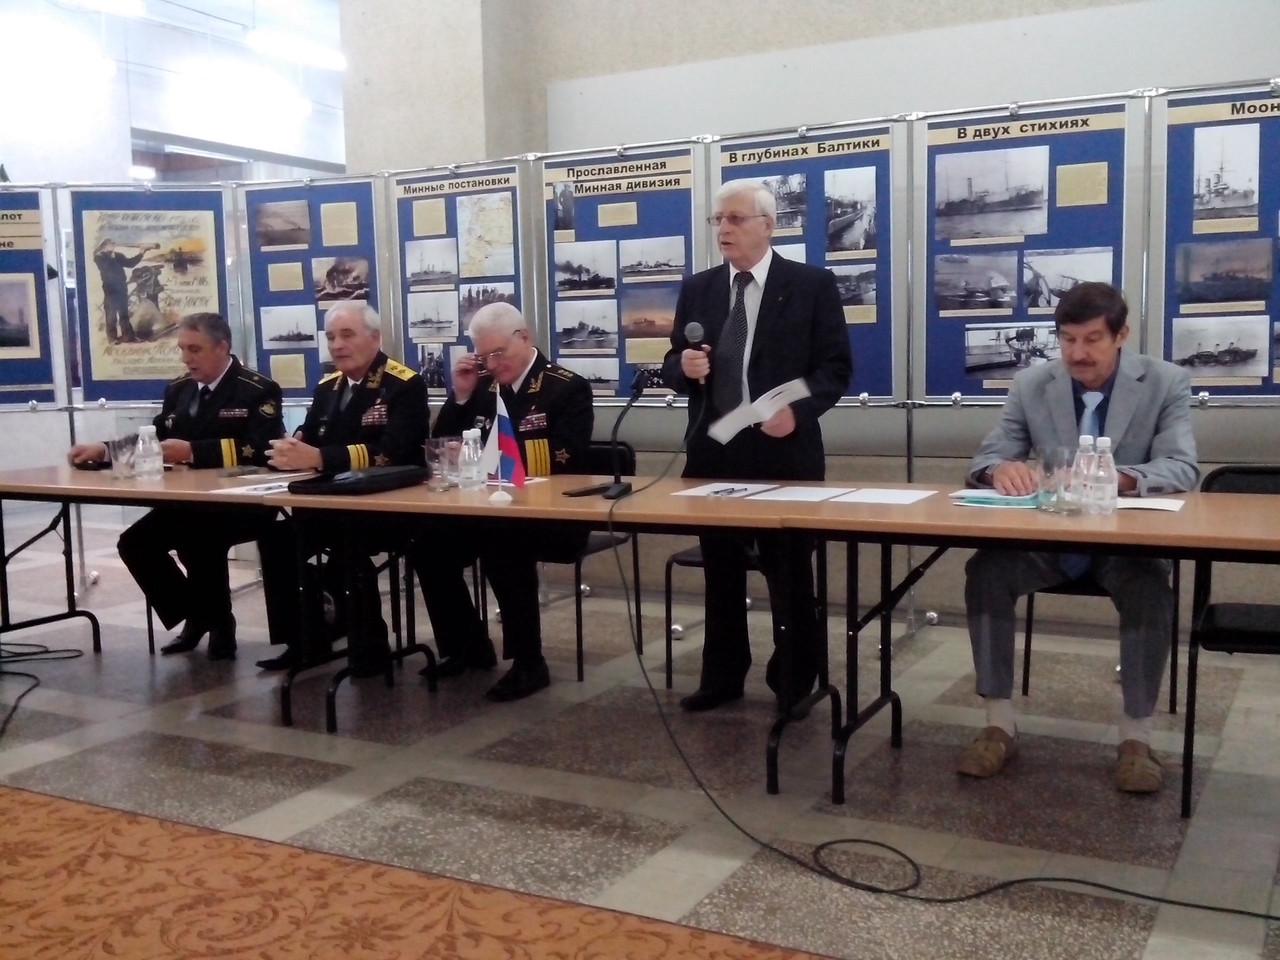 Президиум конференции (А.Е. Цуркан, Н.Е. Хромов, В.Г. Егоров, Б.М. Амусин, В.И. Бегун). Пленарное заседание ведет Б.М. Амусин